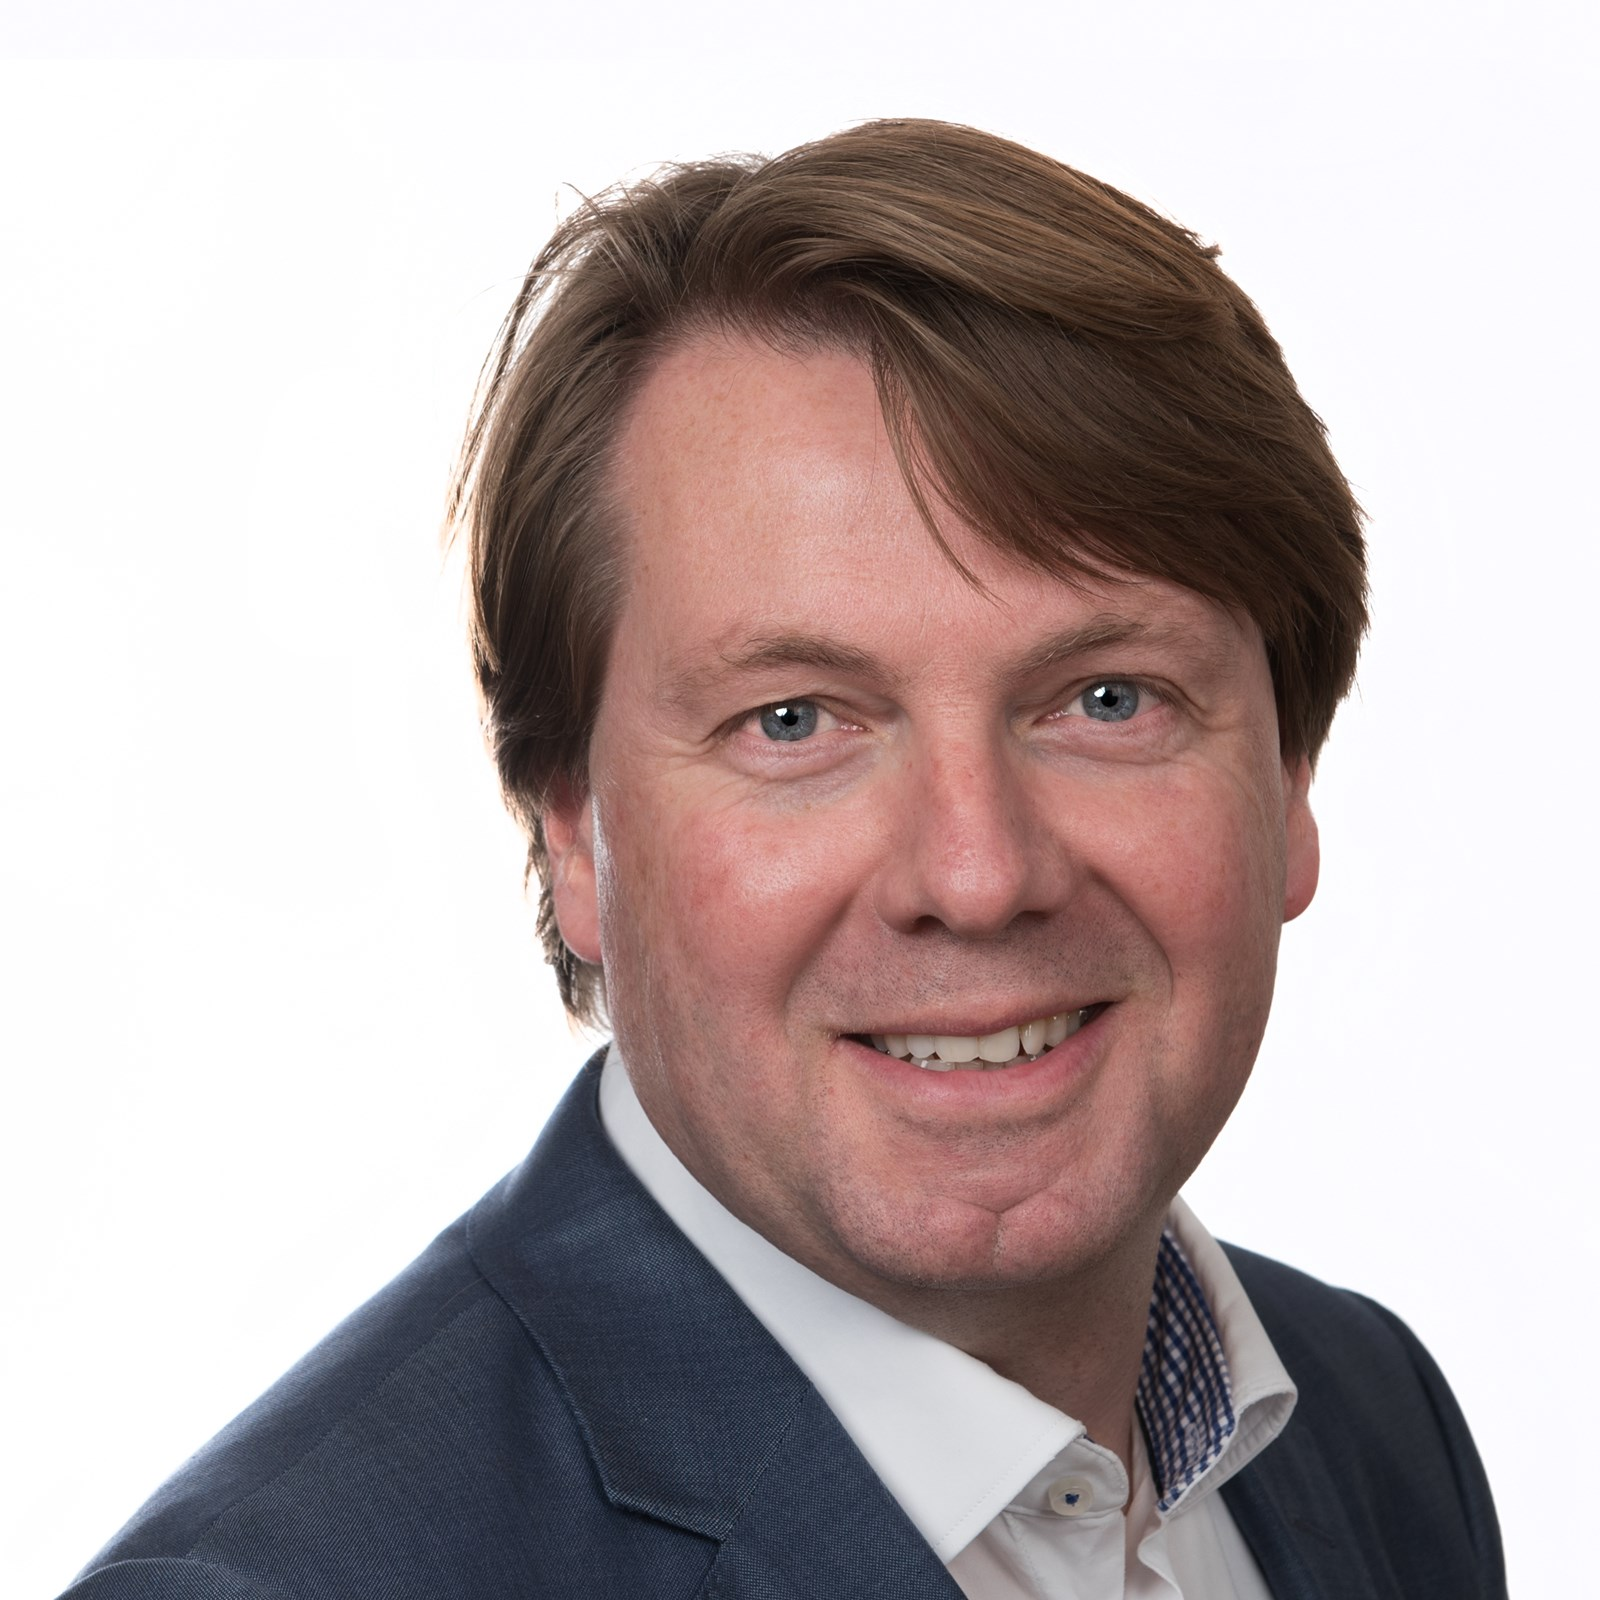 Foto van Sander Geytenbeek